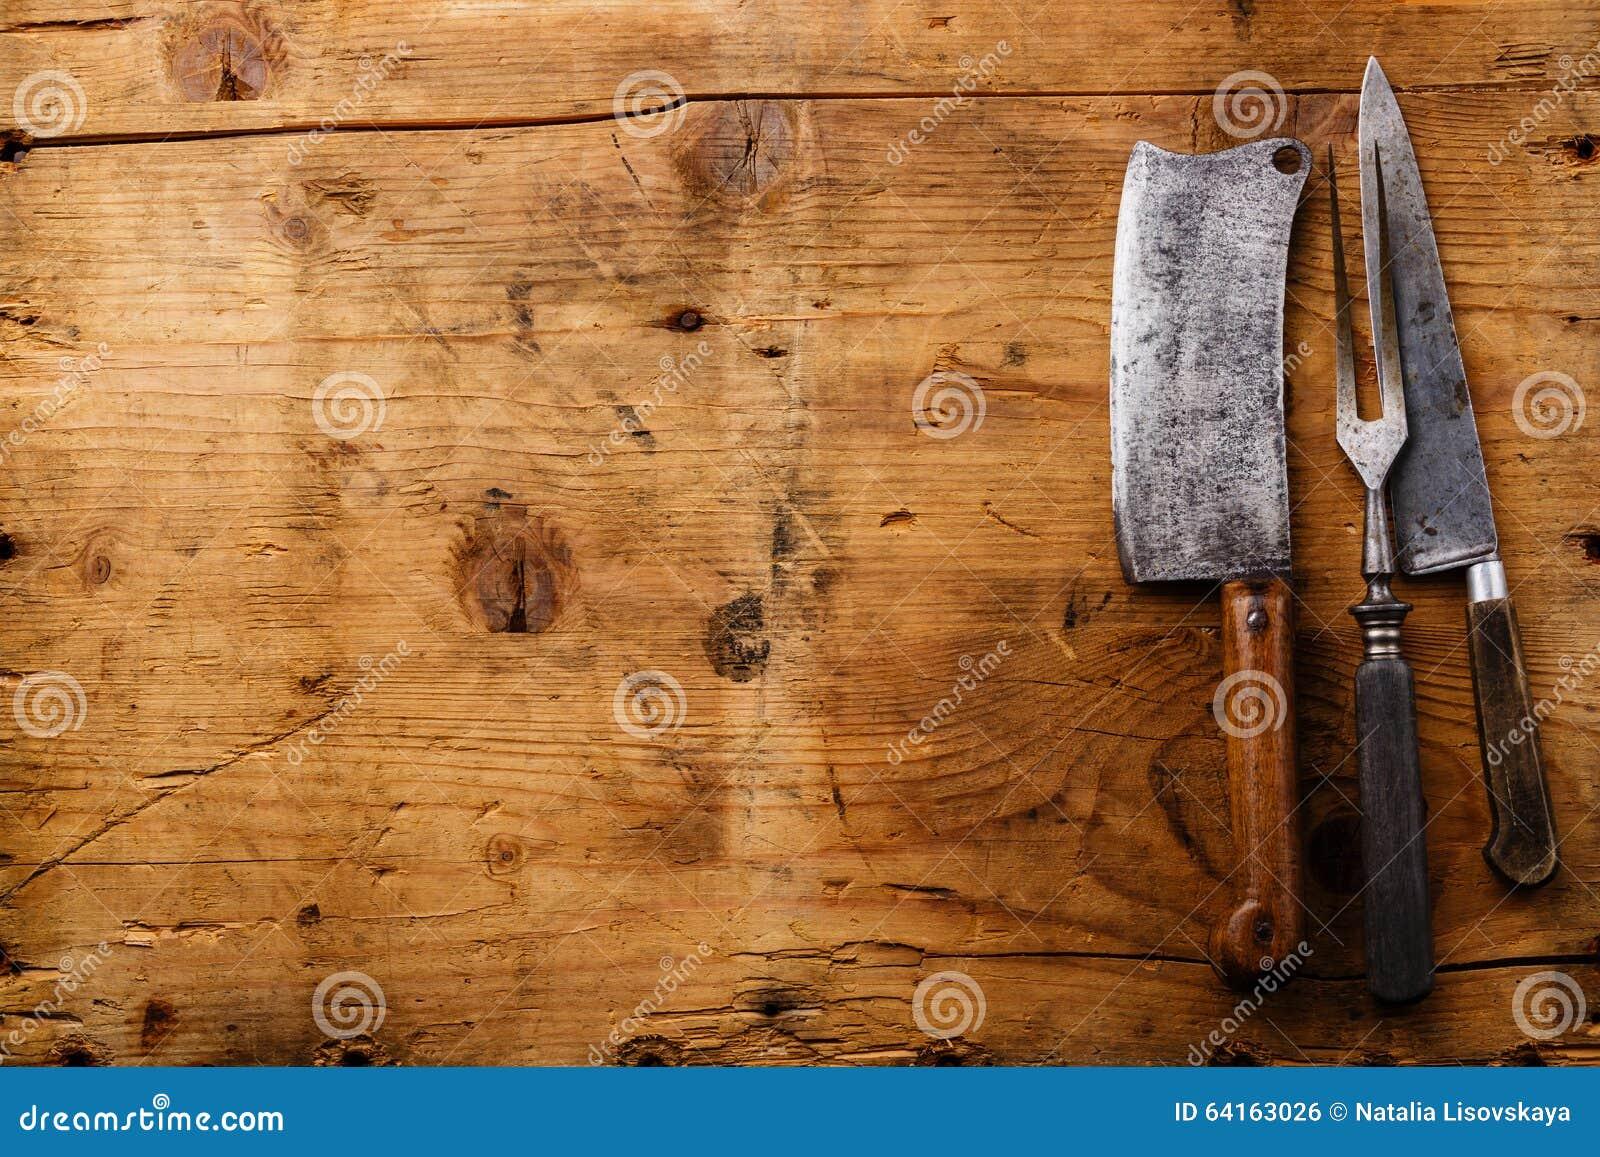 Articolo da cucina d annata su fondo di legno